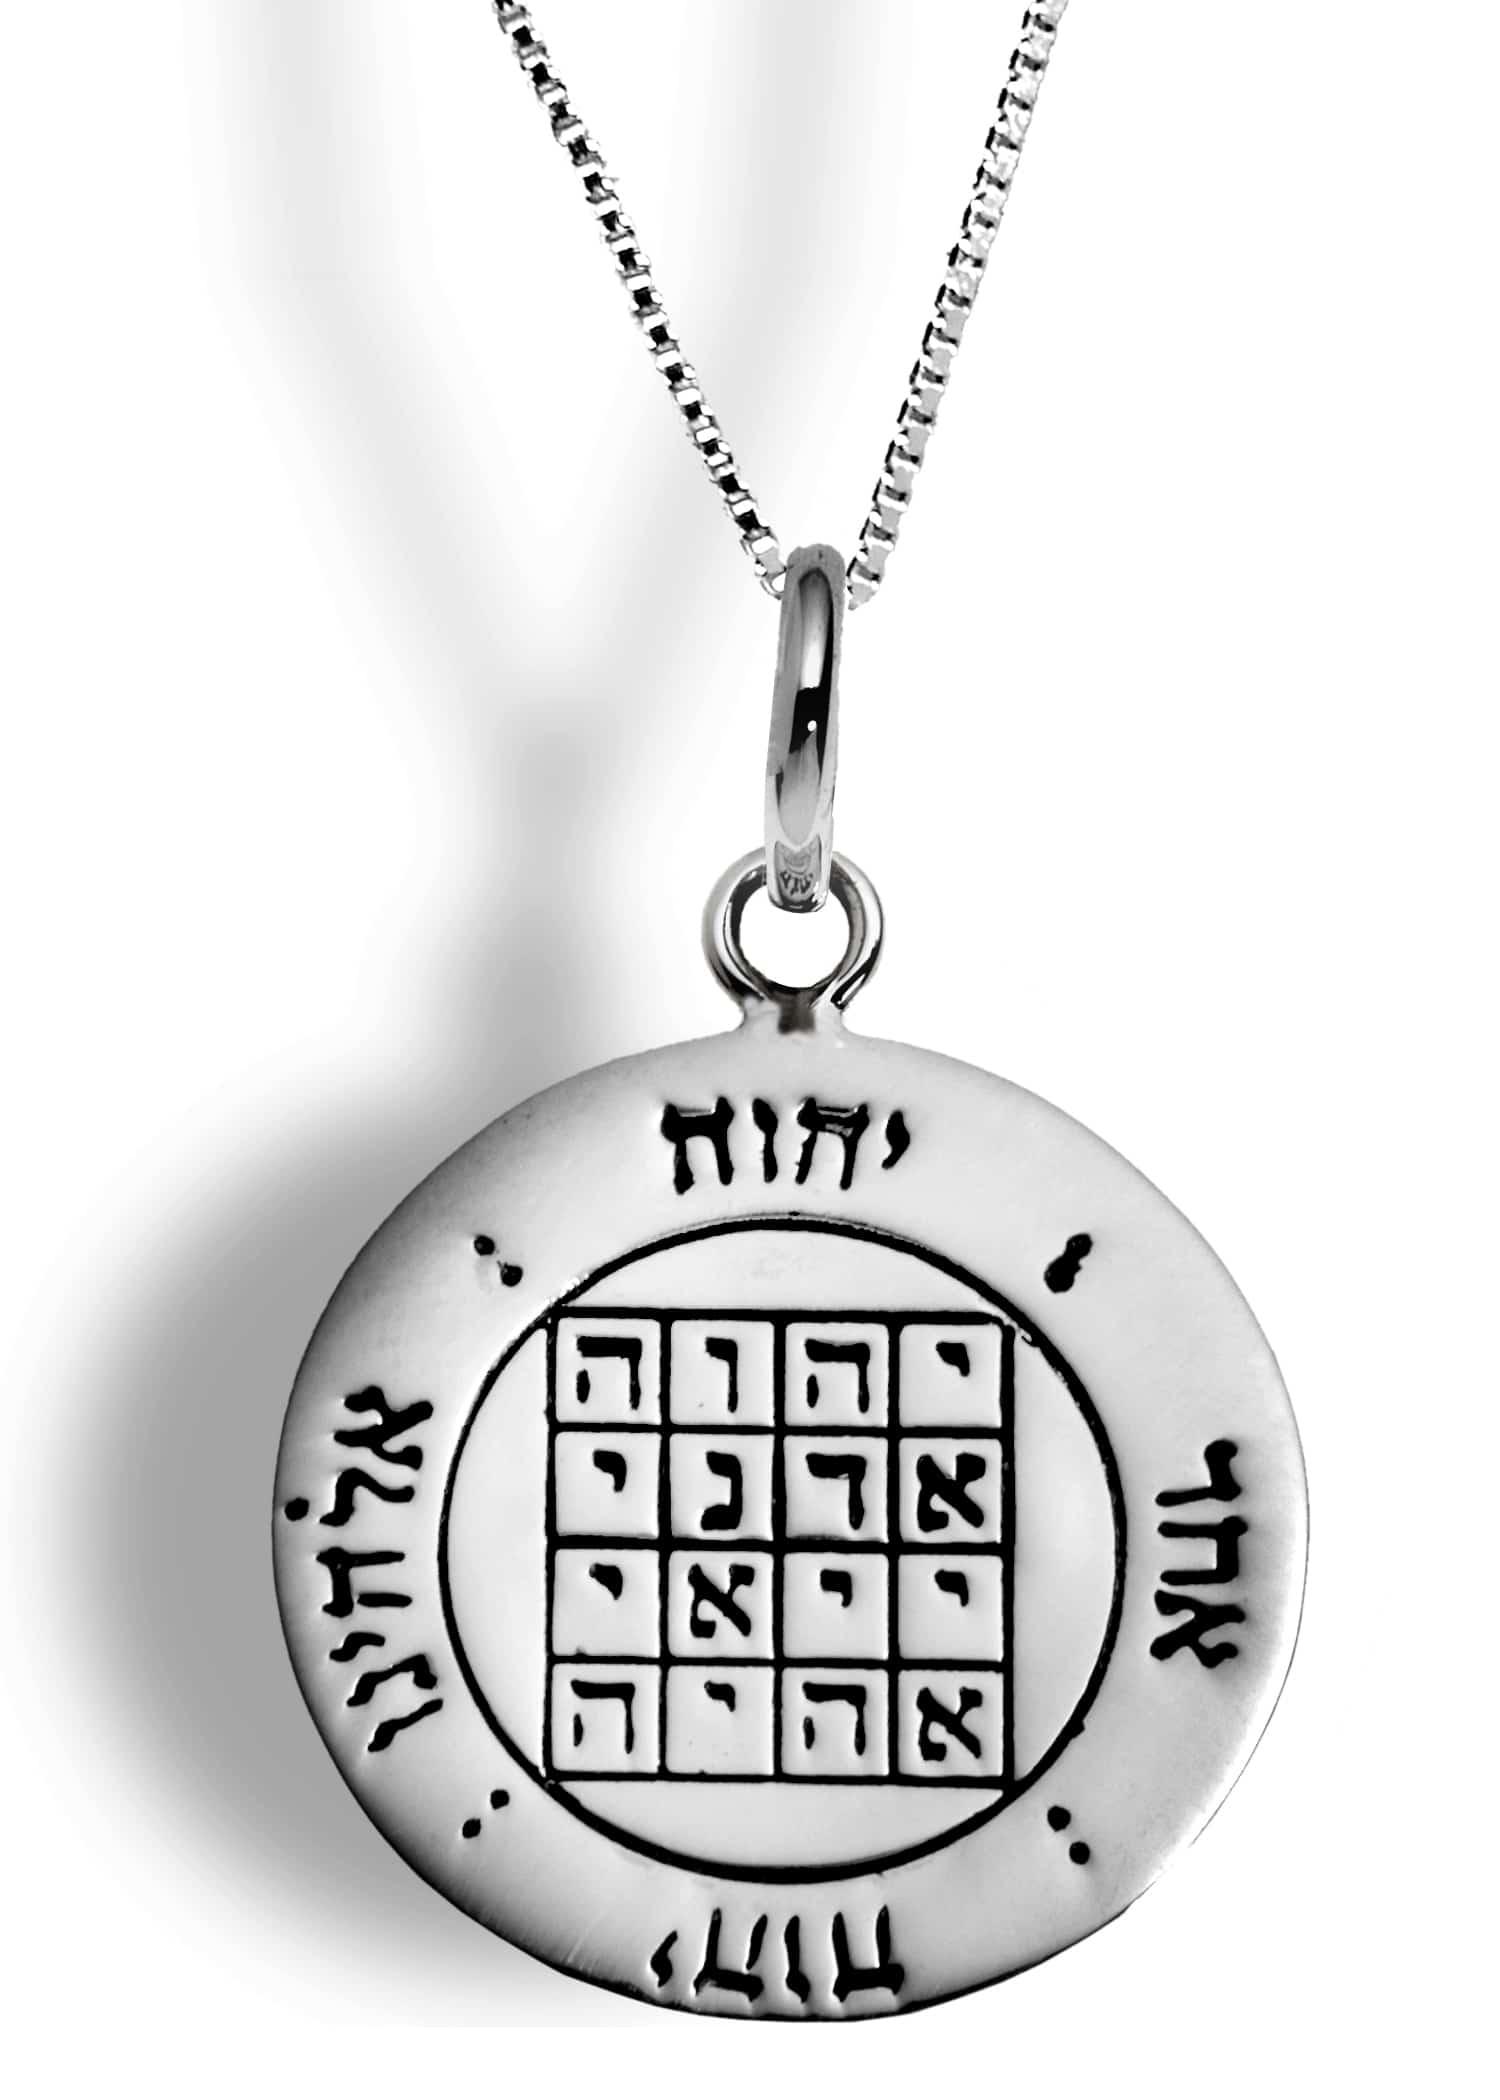 El amuleto de la unificación divina para el crecimiento espiritual